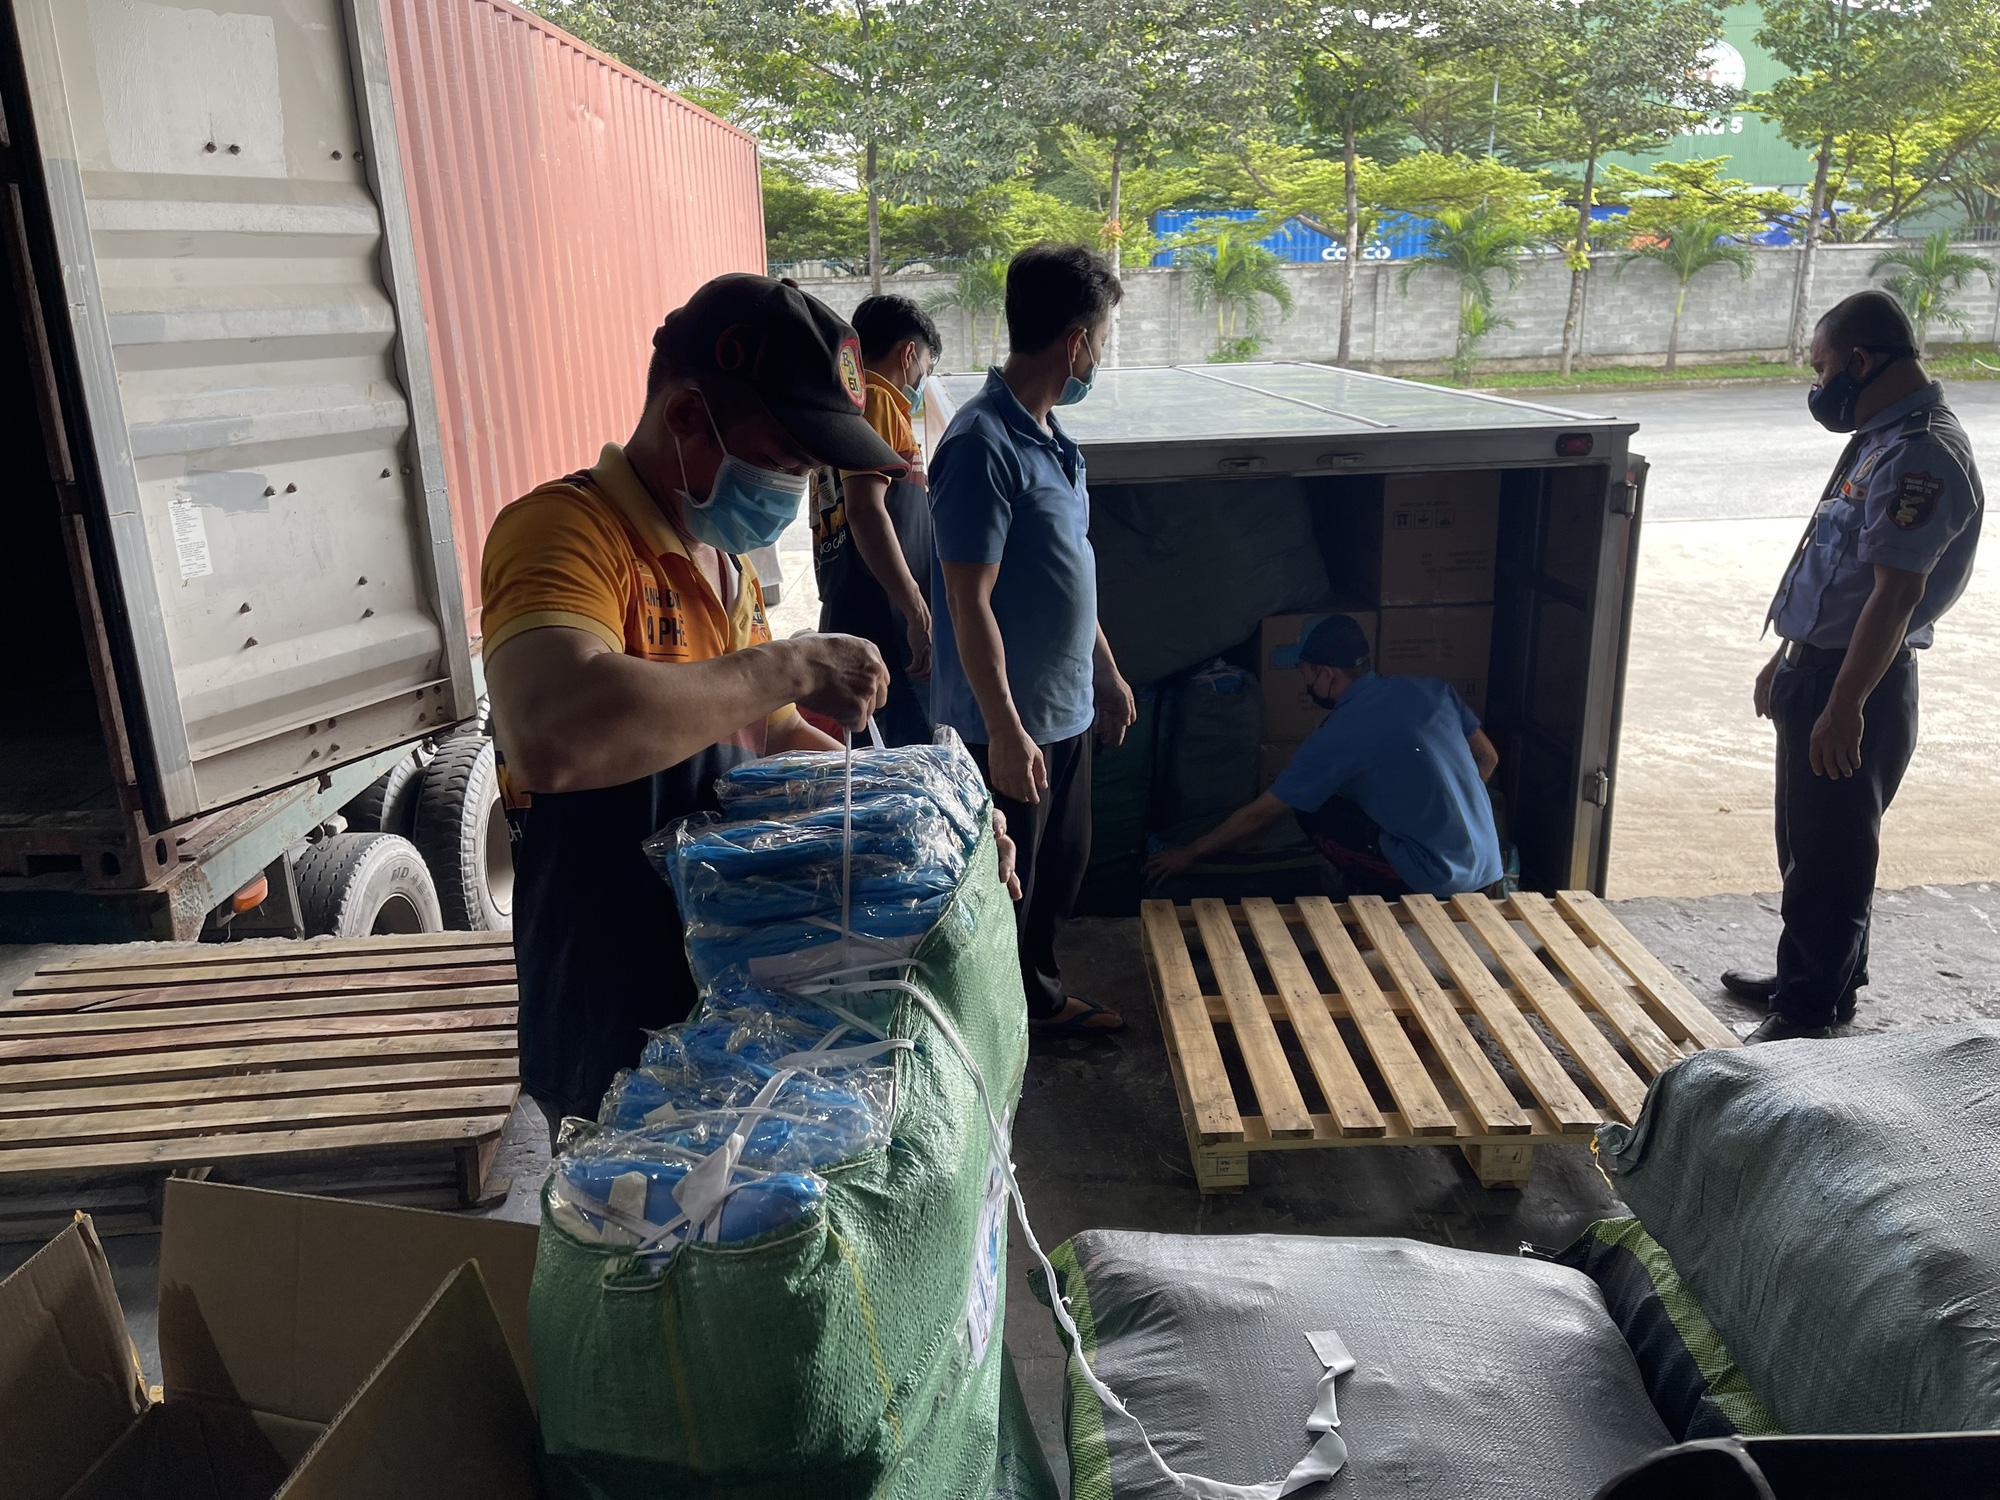 TNI King Coffee tiếp tục hỗ trợ các y bác sĩ tuyến đầu chống dịch tại TP.HCM và Bình Dương - Ảnh 7.